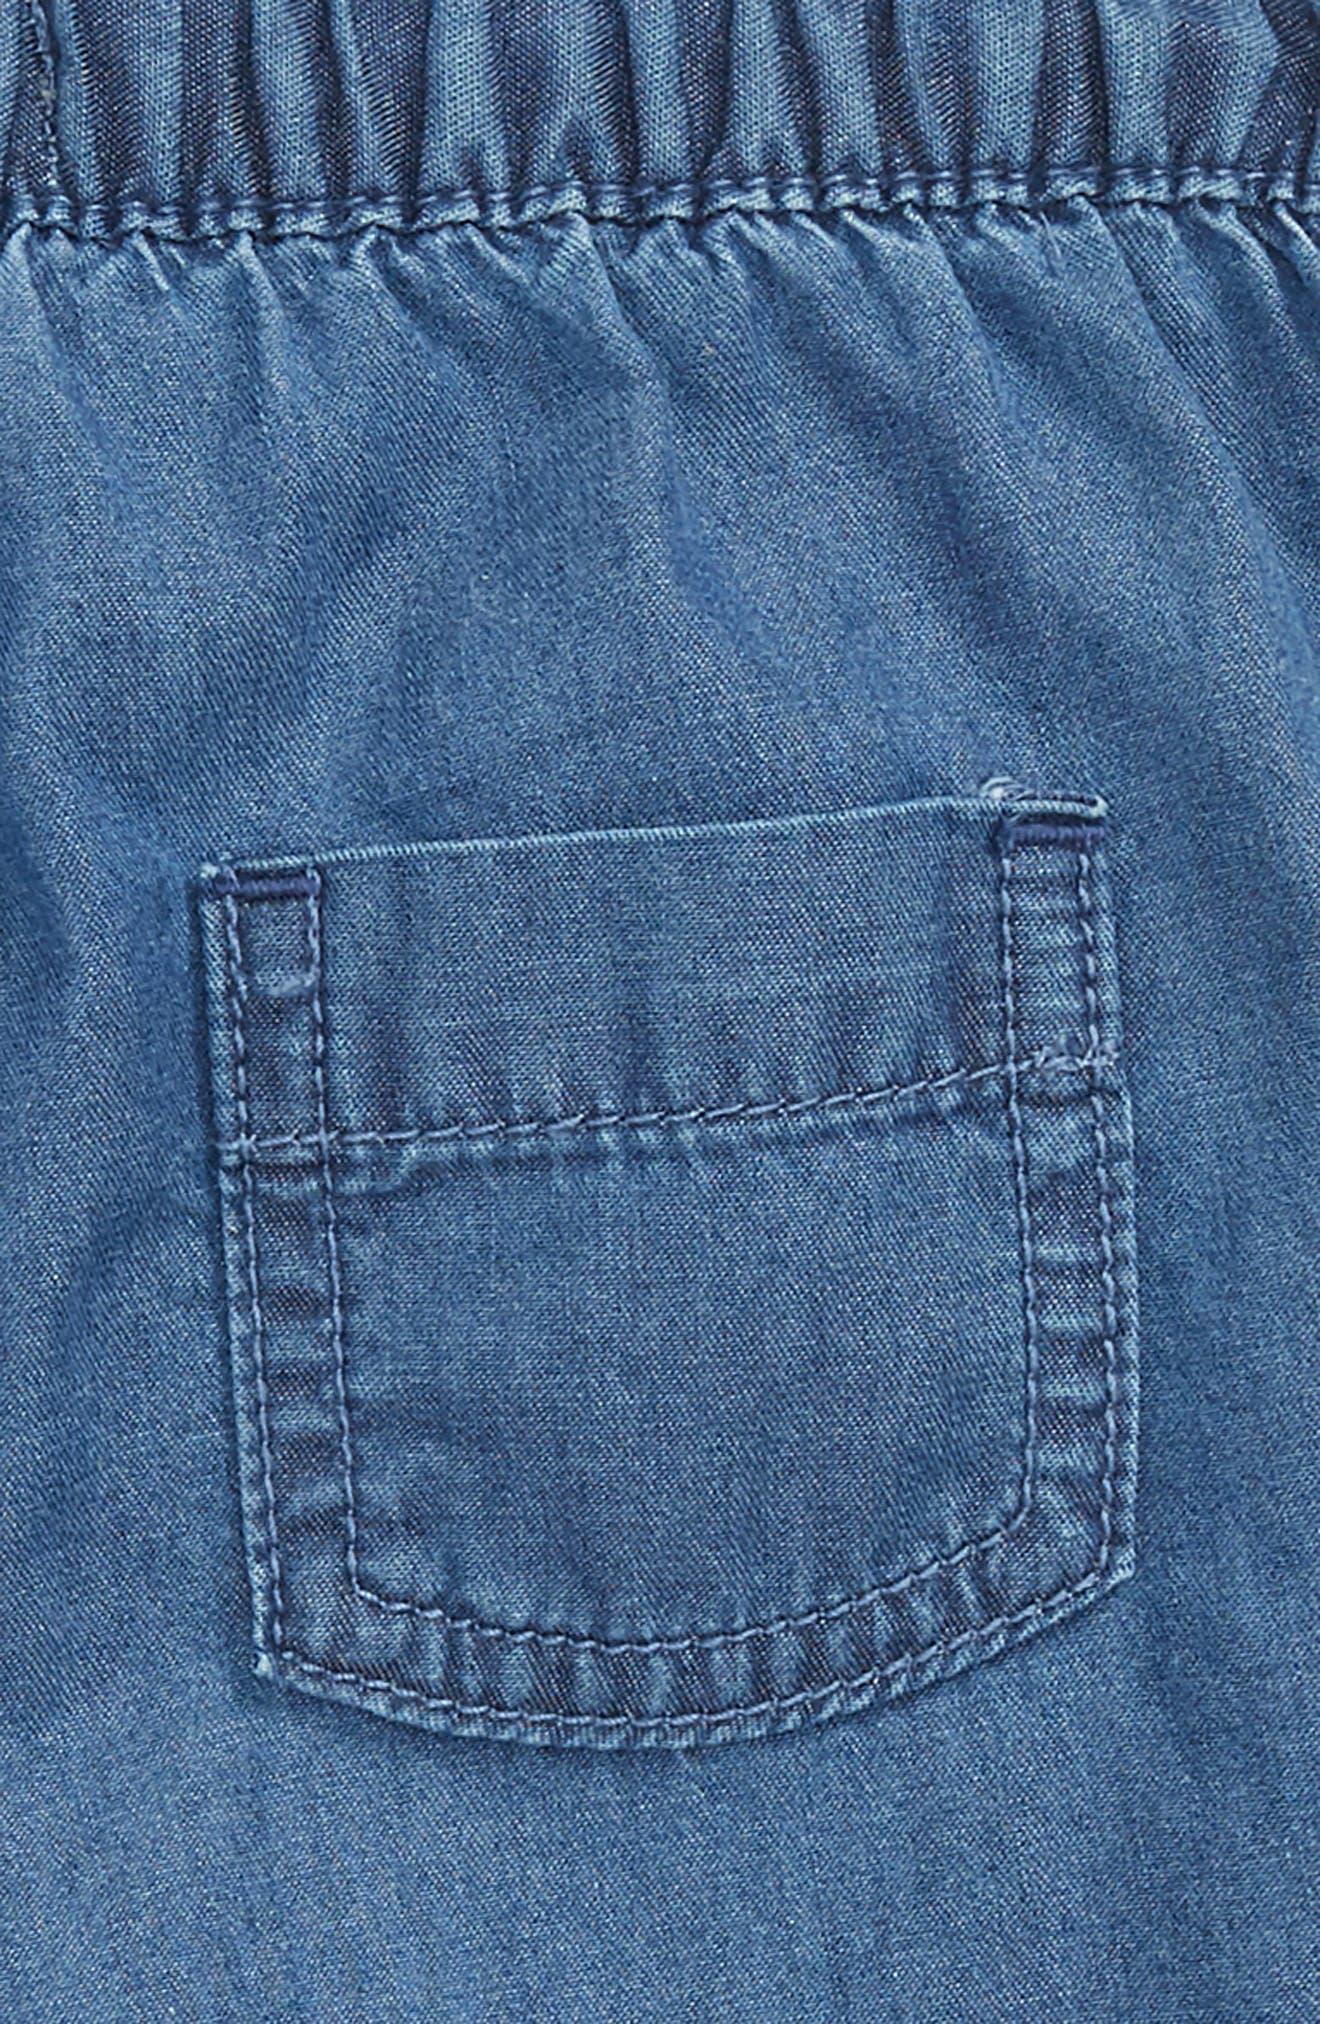 Explorer Shorts,                             Alternate thumbnail 3, color,                             469